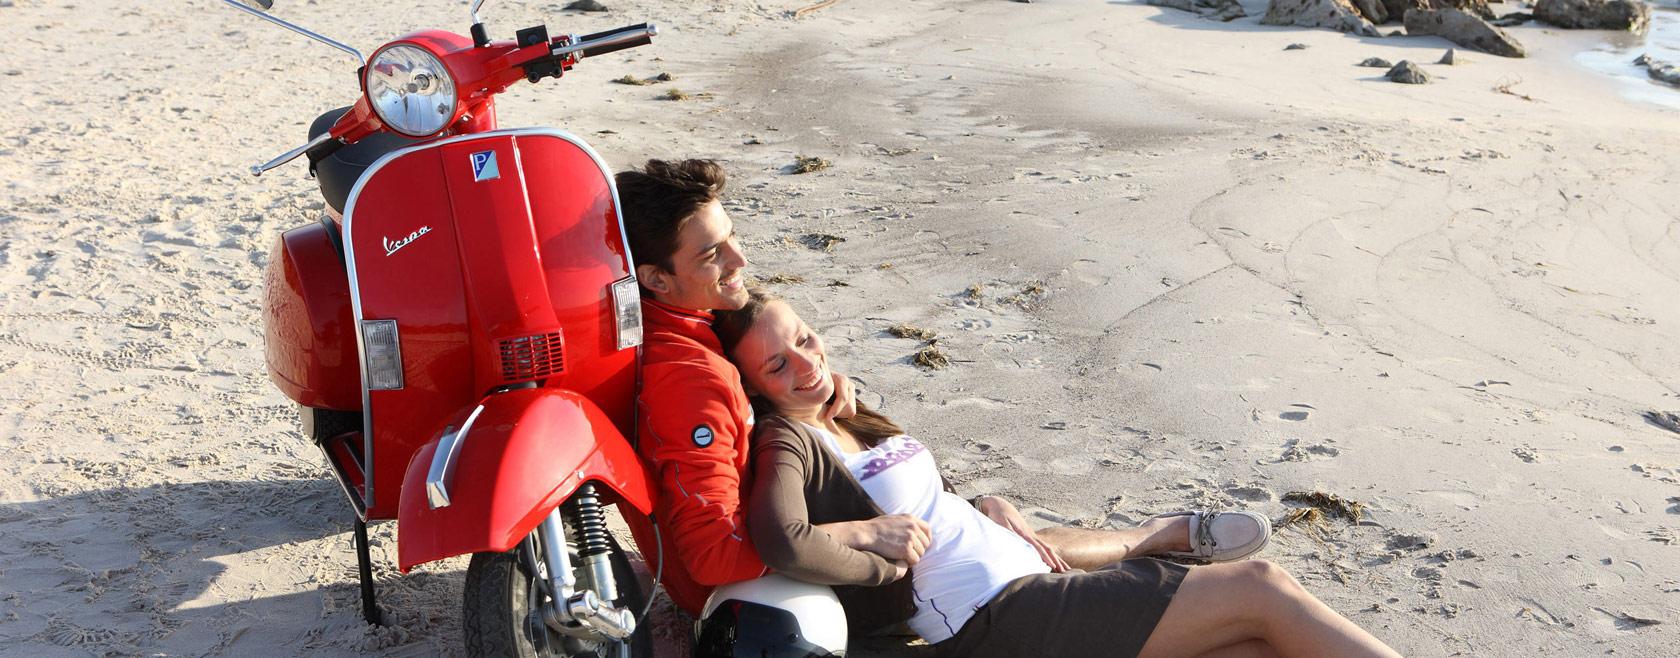 Аренда и прокат скутеров в Москве